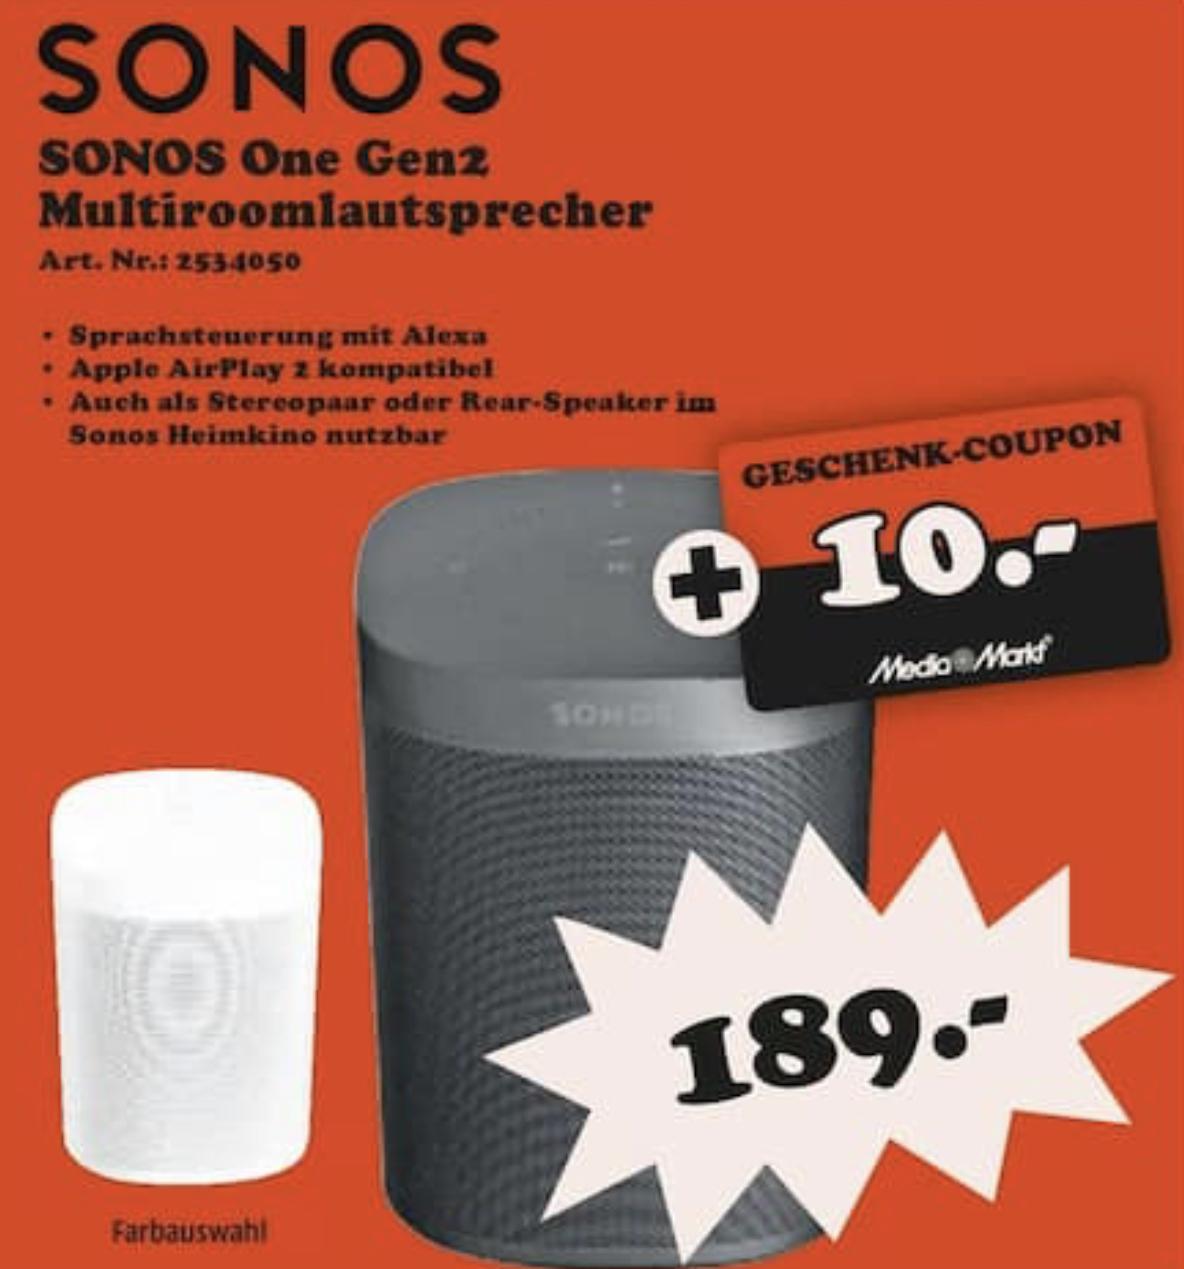 Lokal MediaMarkt Gütersloh, Lippstadt: Sonos ONE 2. Generation + 10€ Geschenk-Coupon für 189€